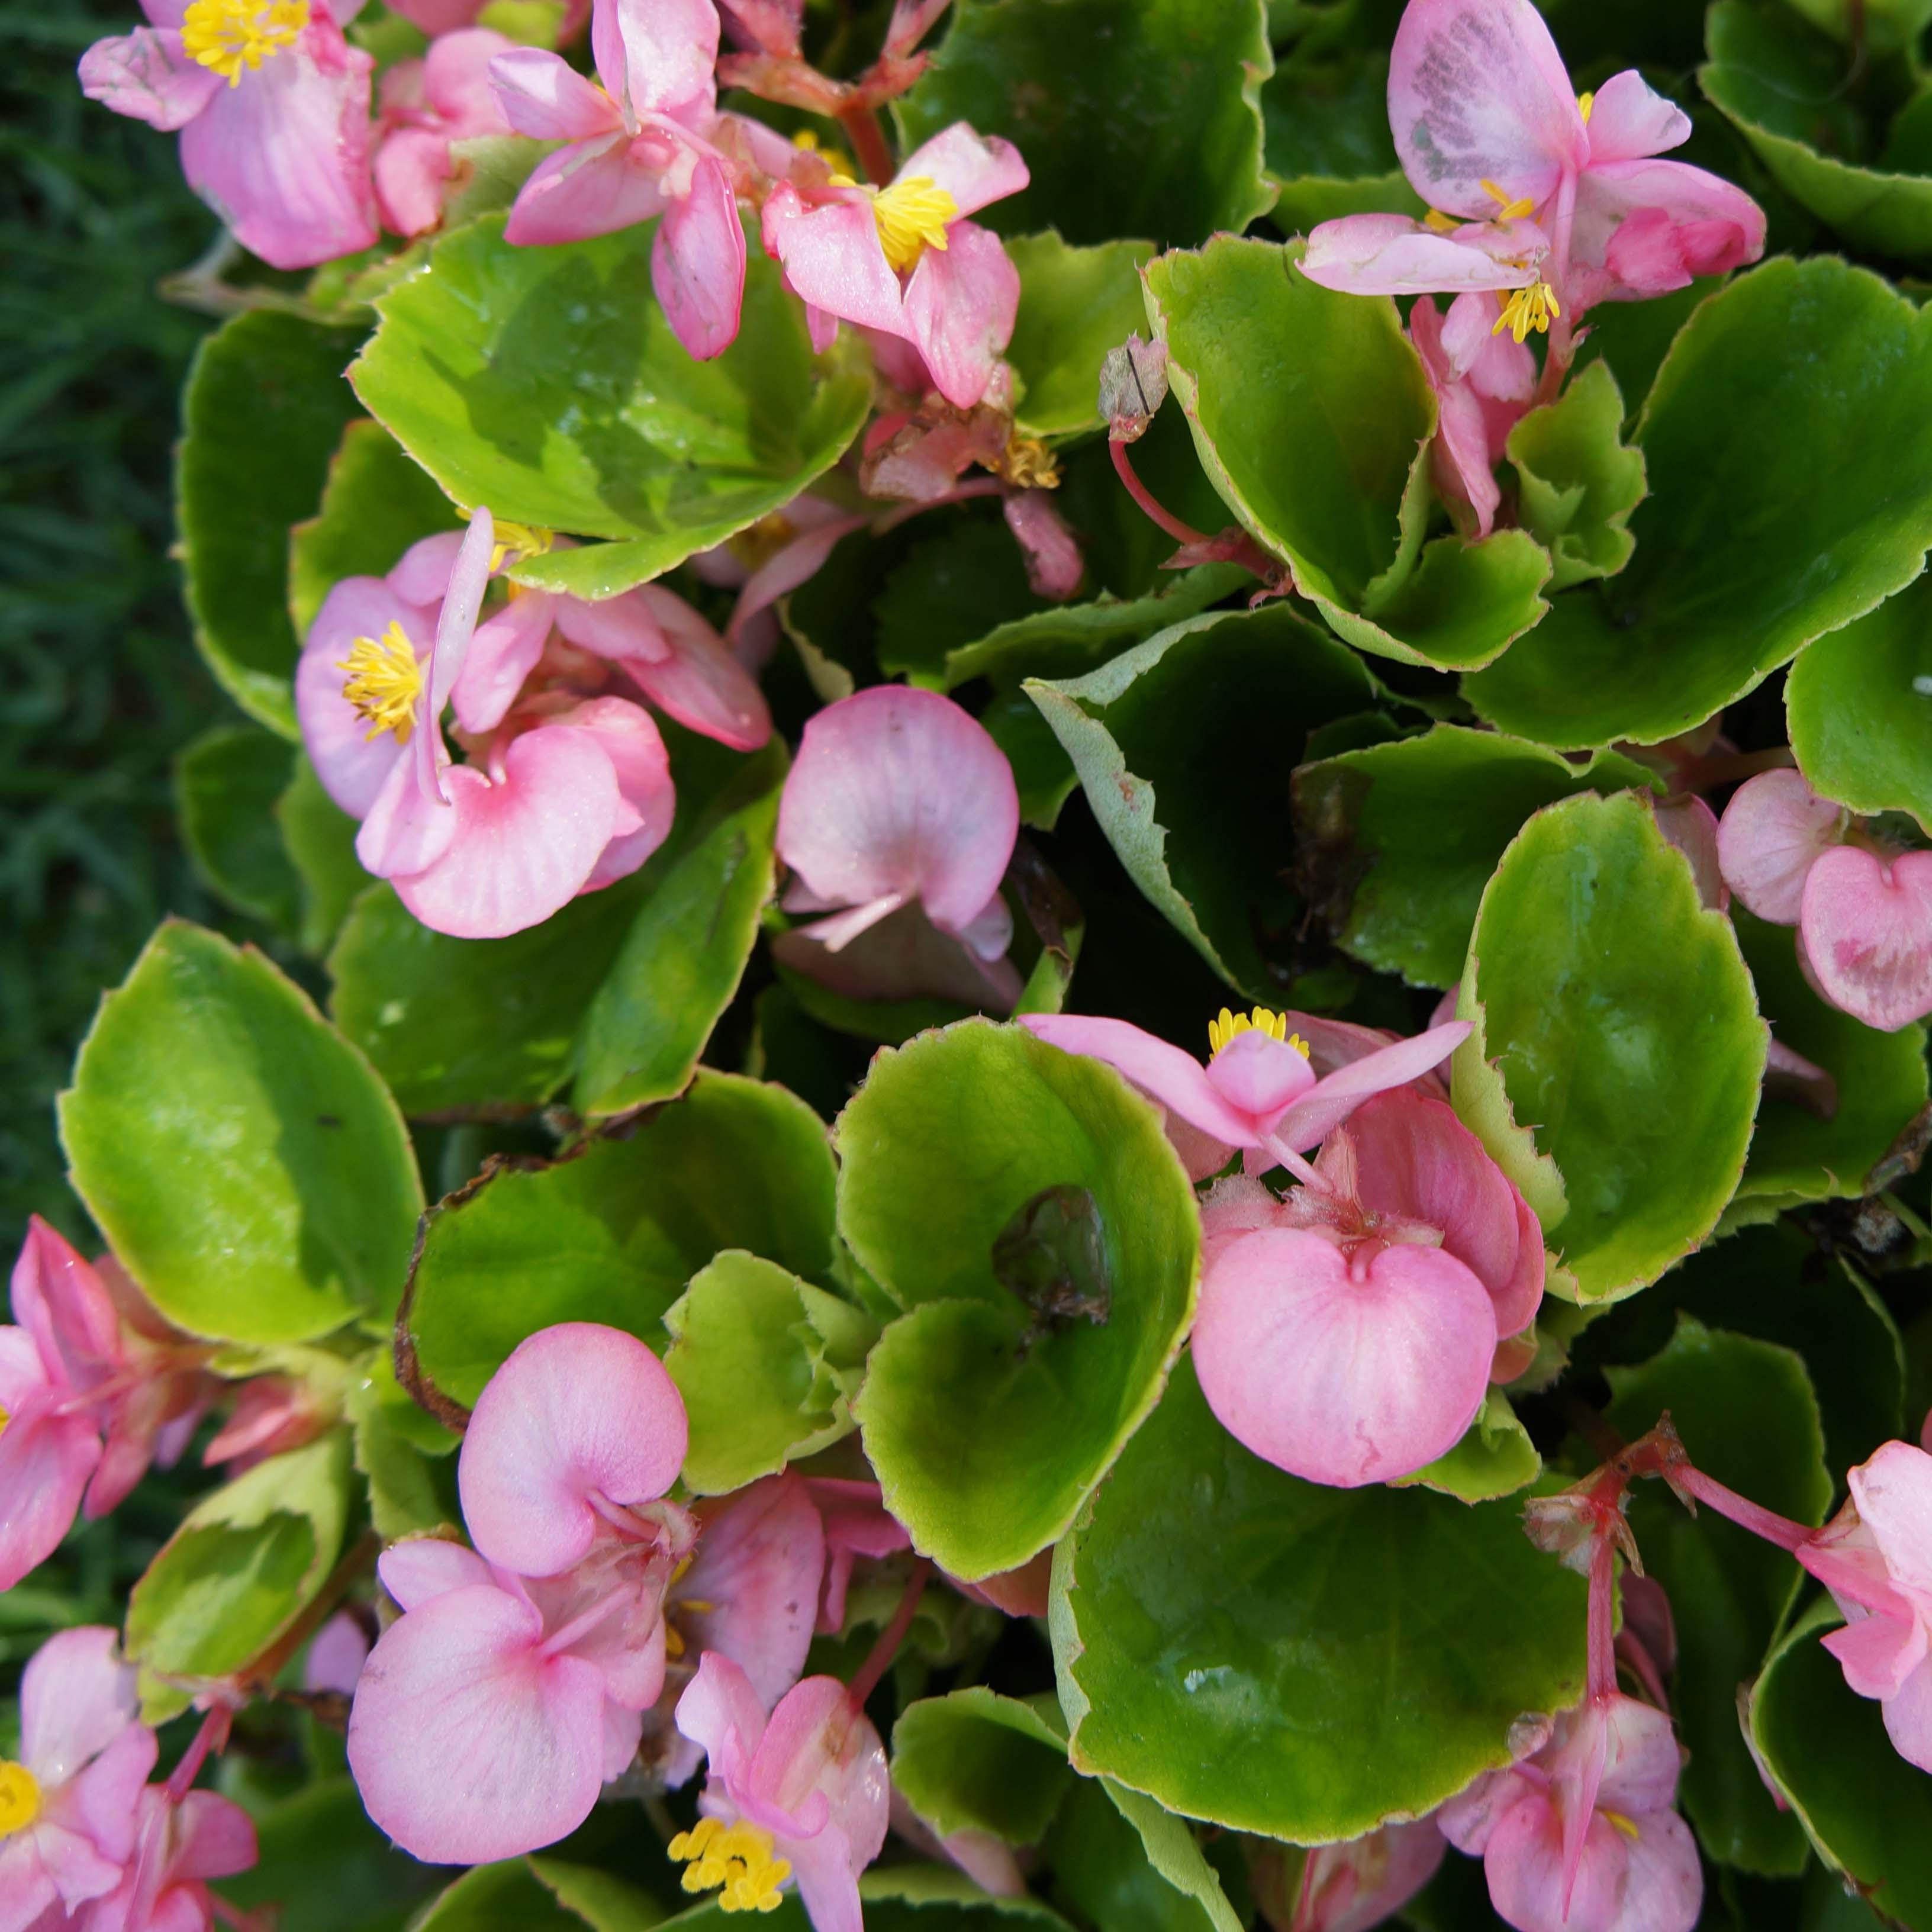 Flats - 48 plants per flat